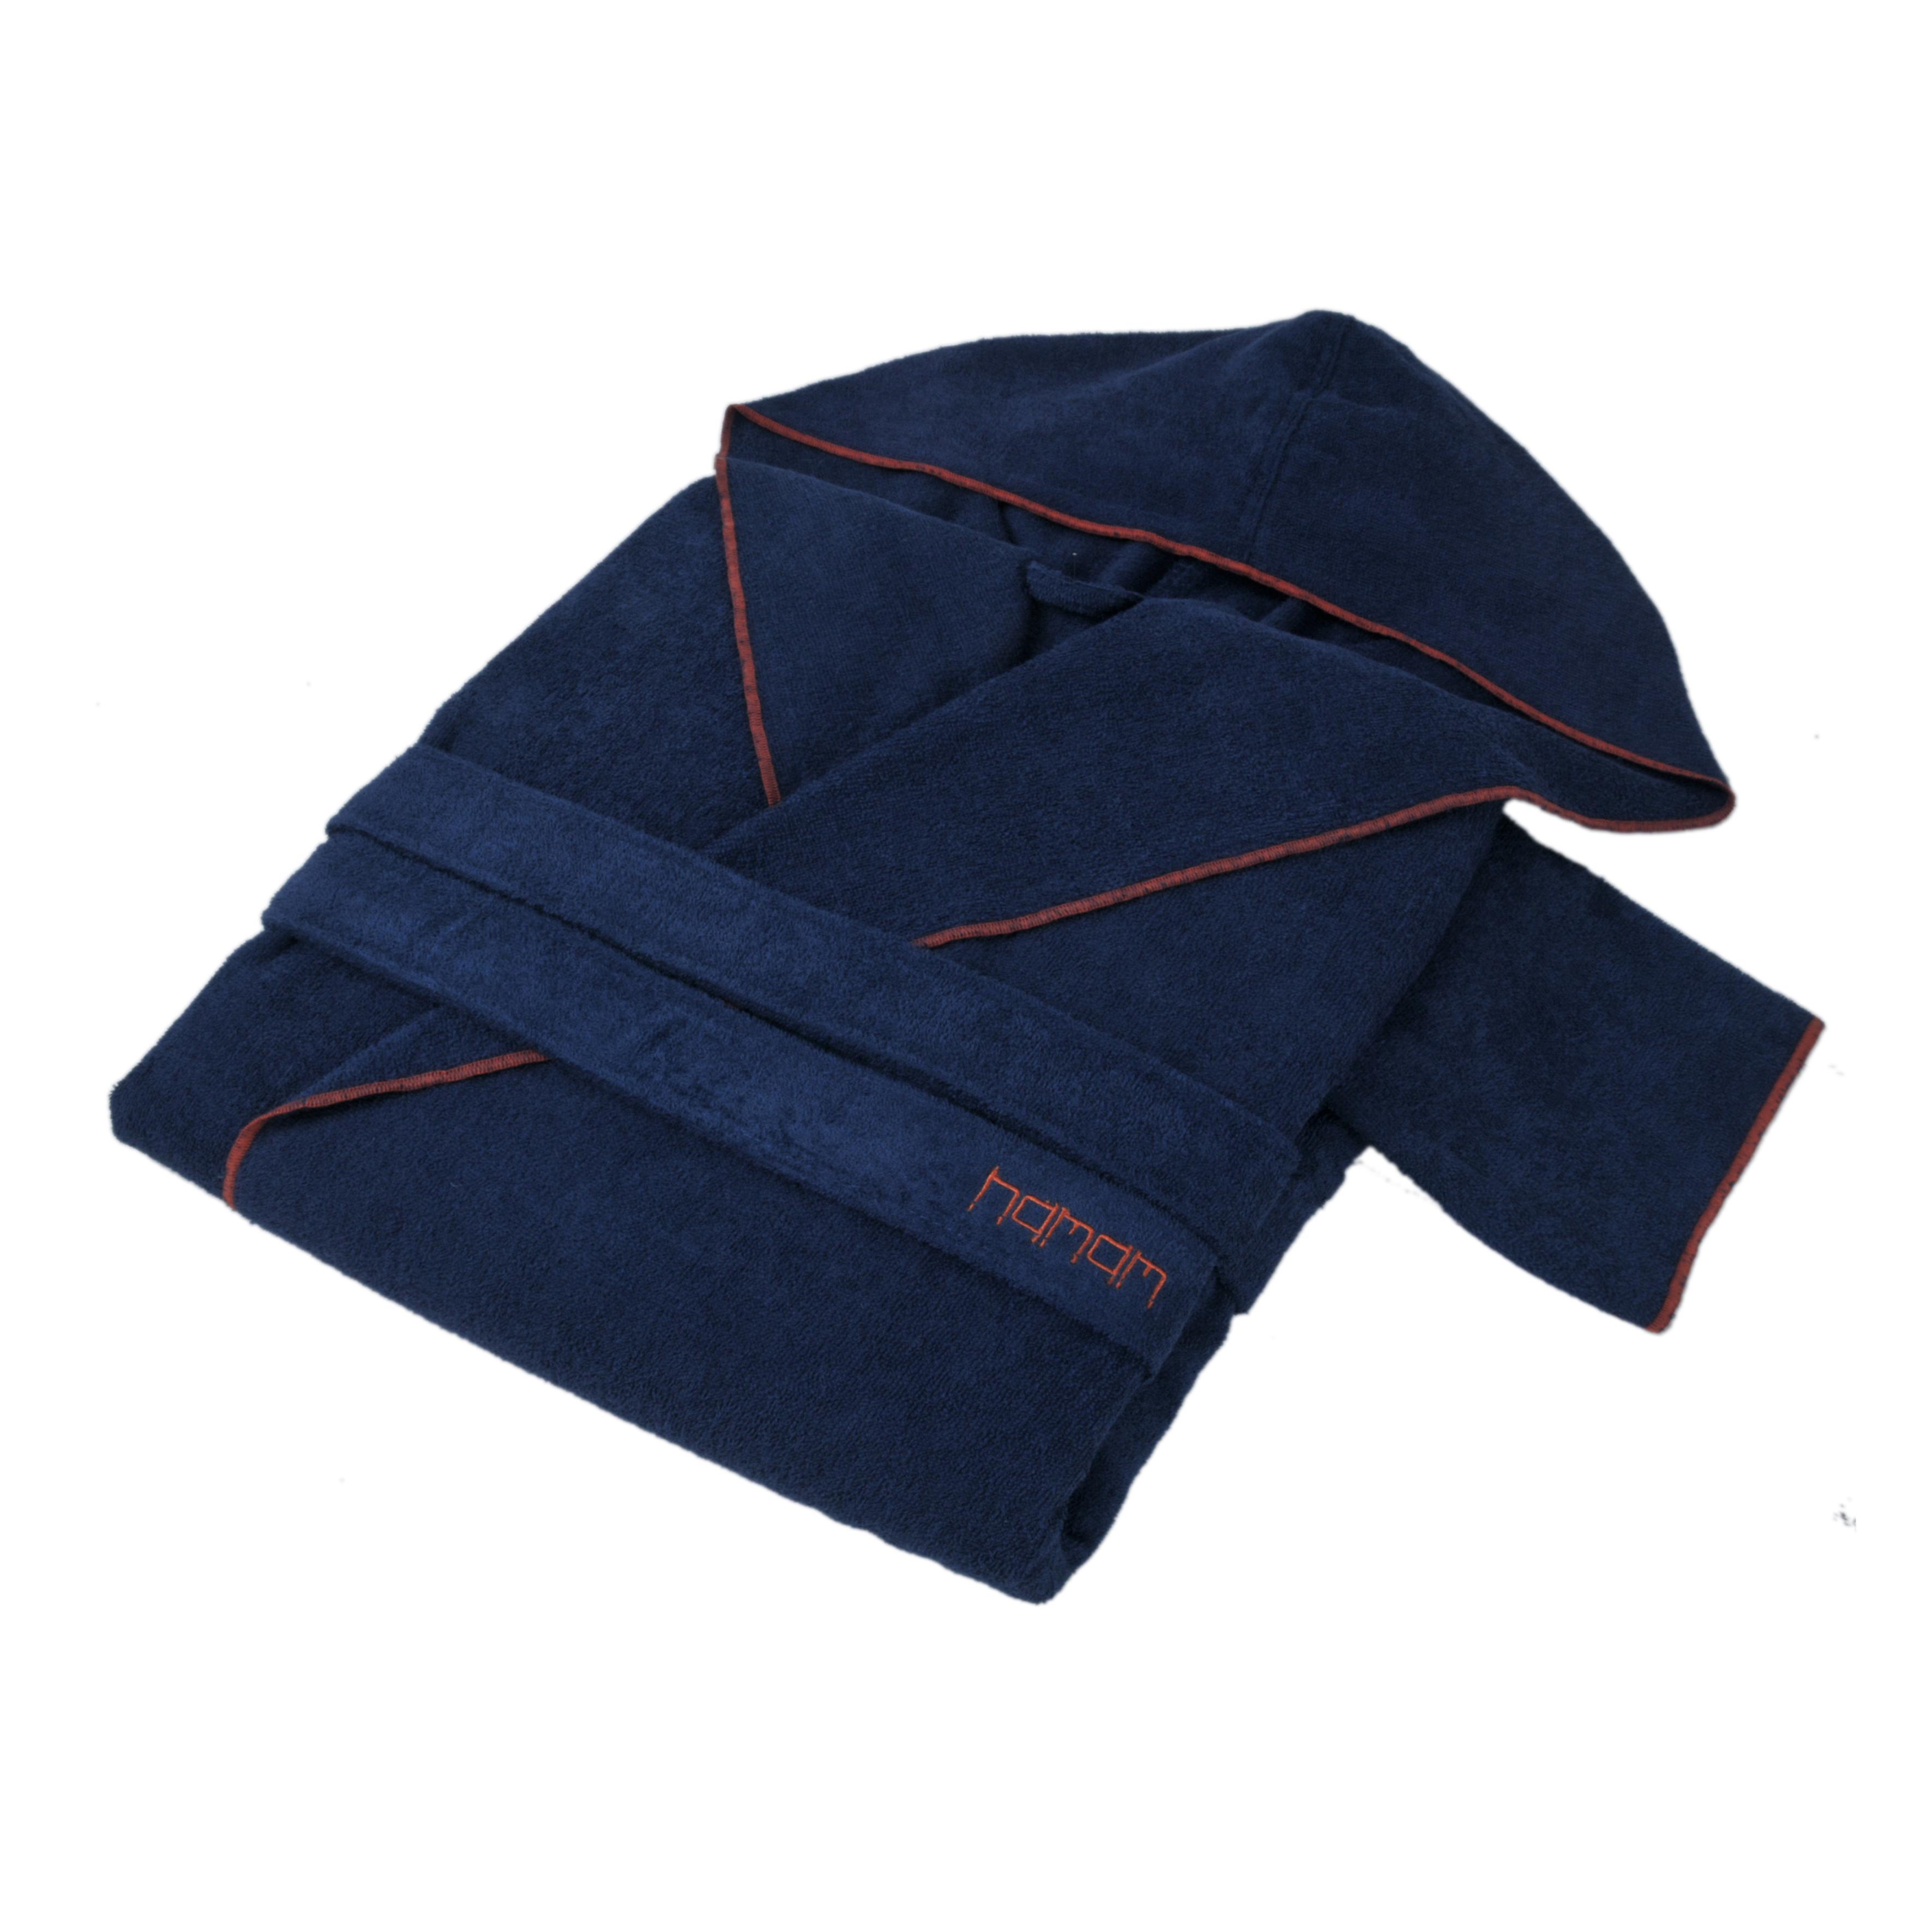 Банный халат Meyzer Contrast Цвет: Синий, Красный (L-xL) фото